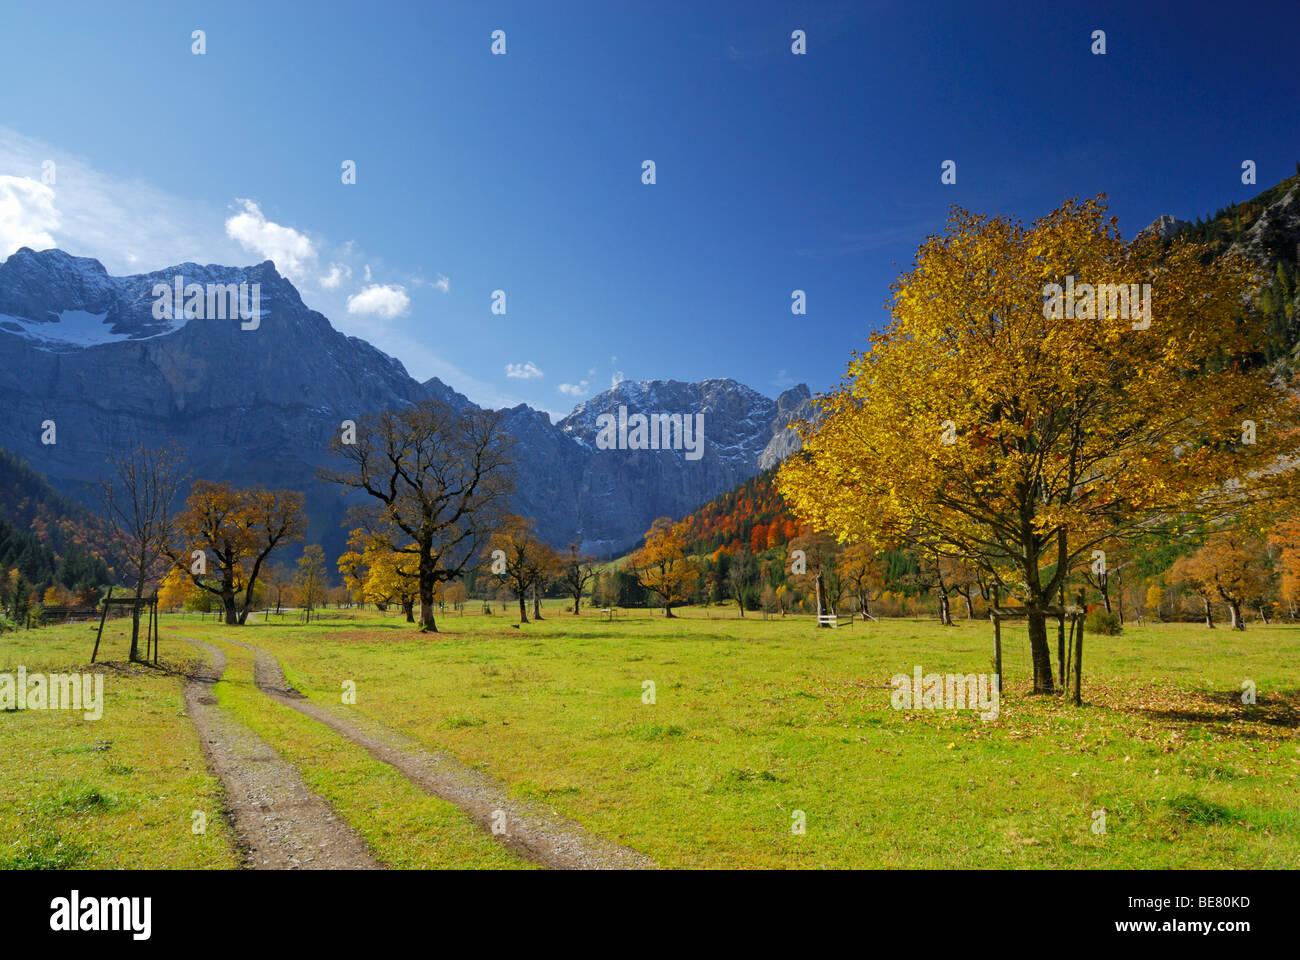 Via tra alberi di acero in autunno colori con vista Spritzkarspitze, Grosser Ahornboden, Karwendel, Tirolo, Austria Immagini Stock